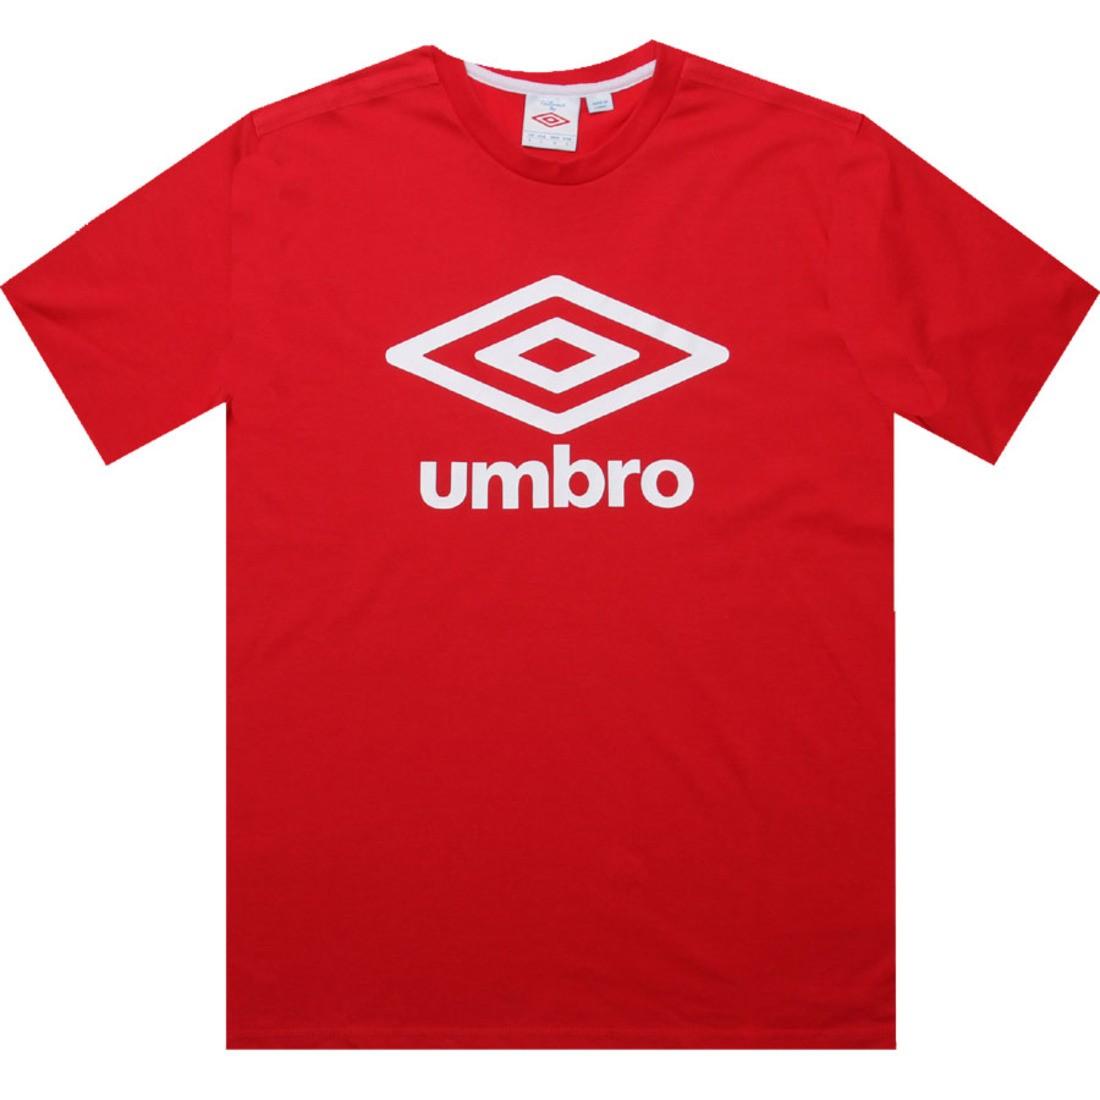 アンブロ UMBRO ロゴ Tシャツ 赤 レッド 【 RED UMBRO FETTES LOGO TEE VERMILLION 】 メンズファッション トップス Tシャツ カットソー